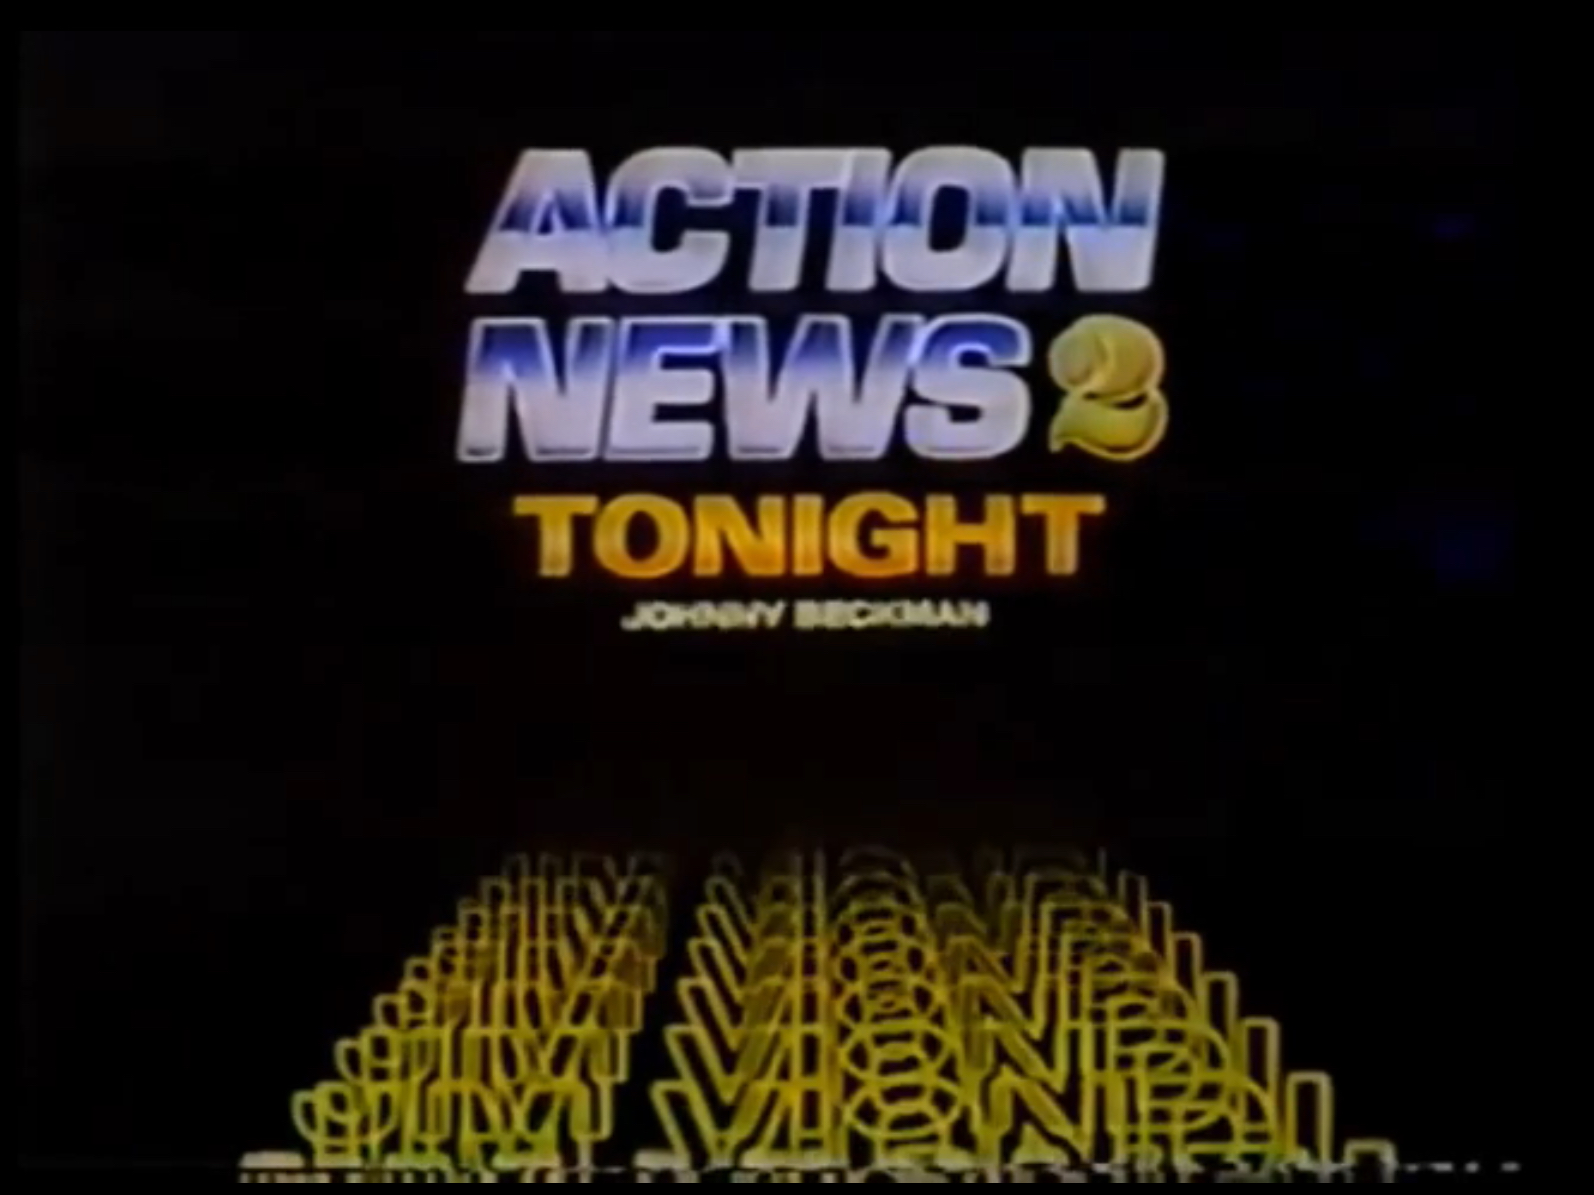 WSB-TV/News